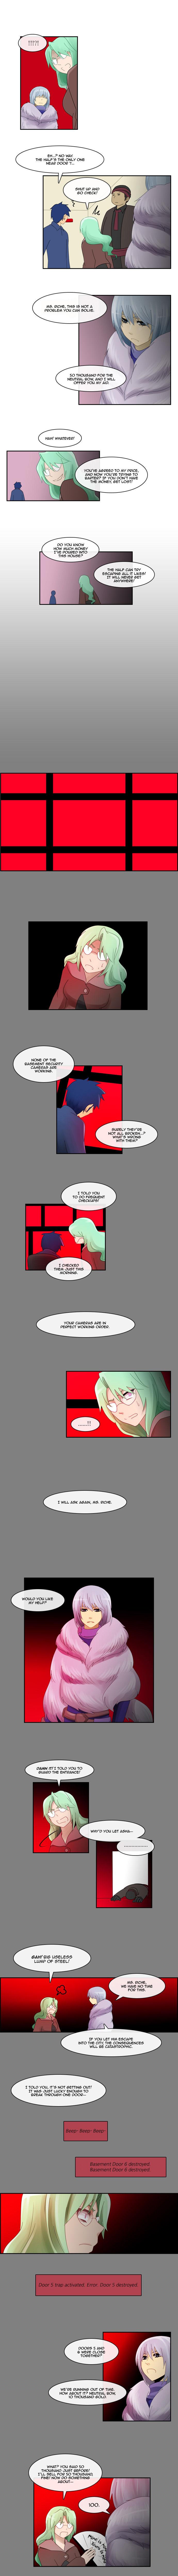 Kubera 111 Page 2